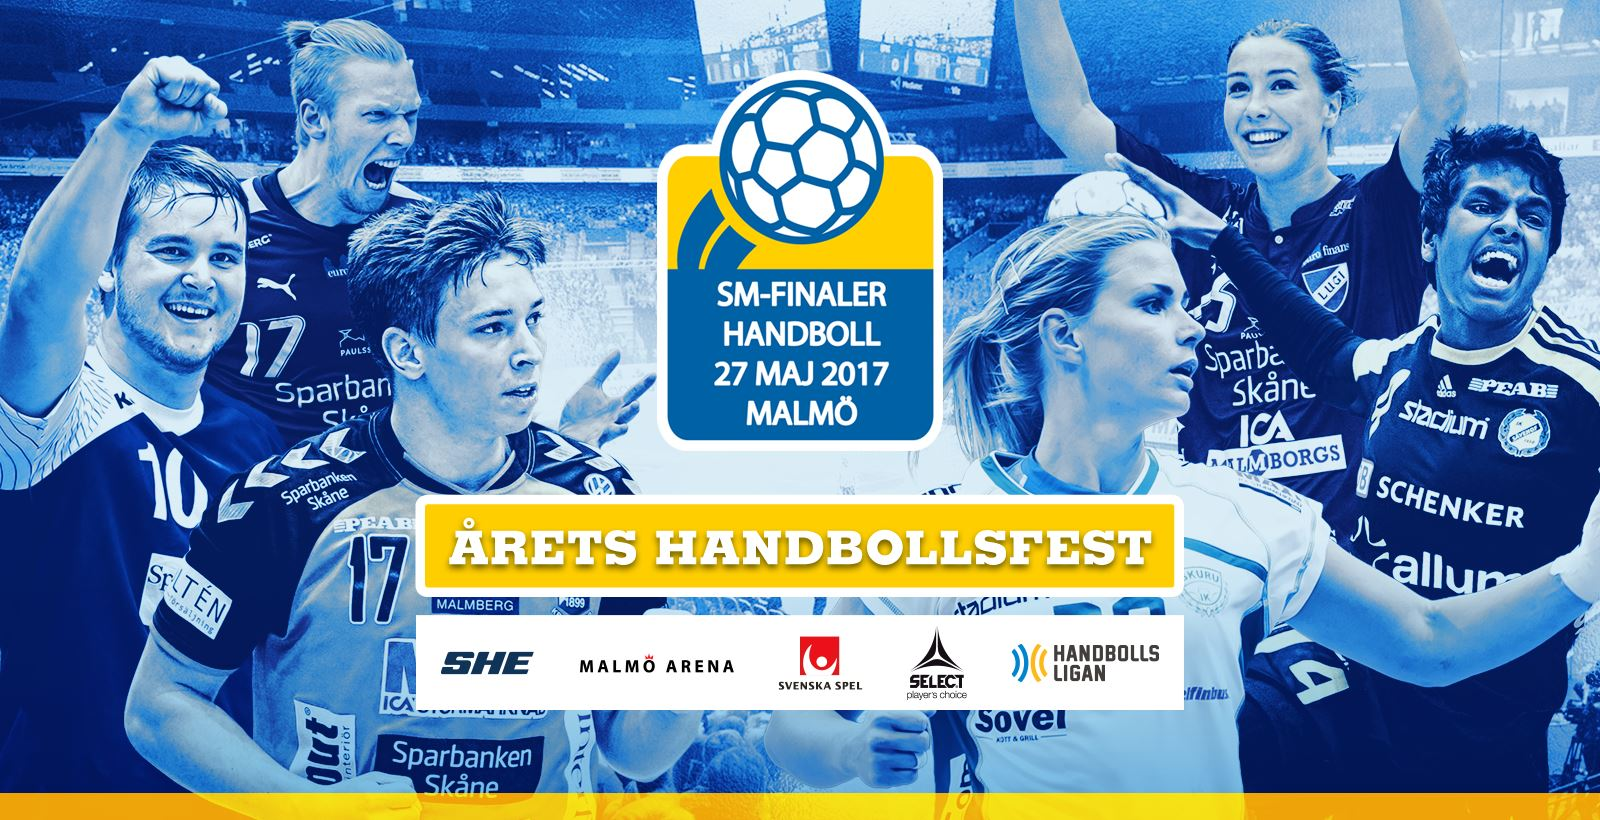 SM-finaler i handboll 2017